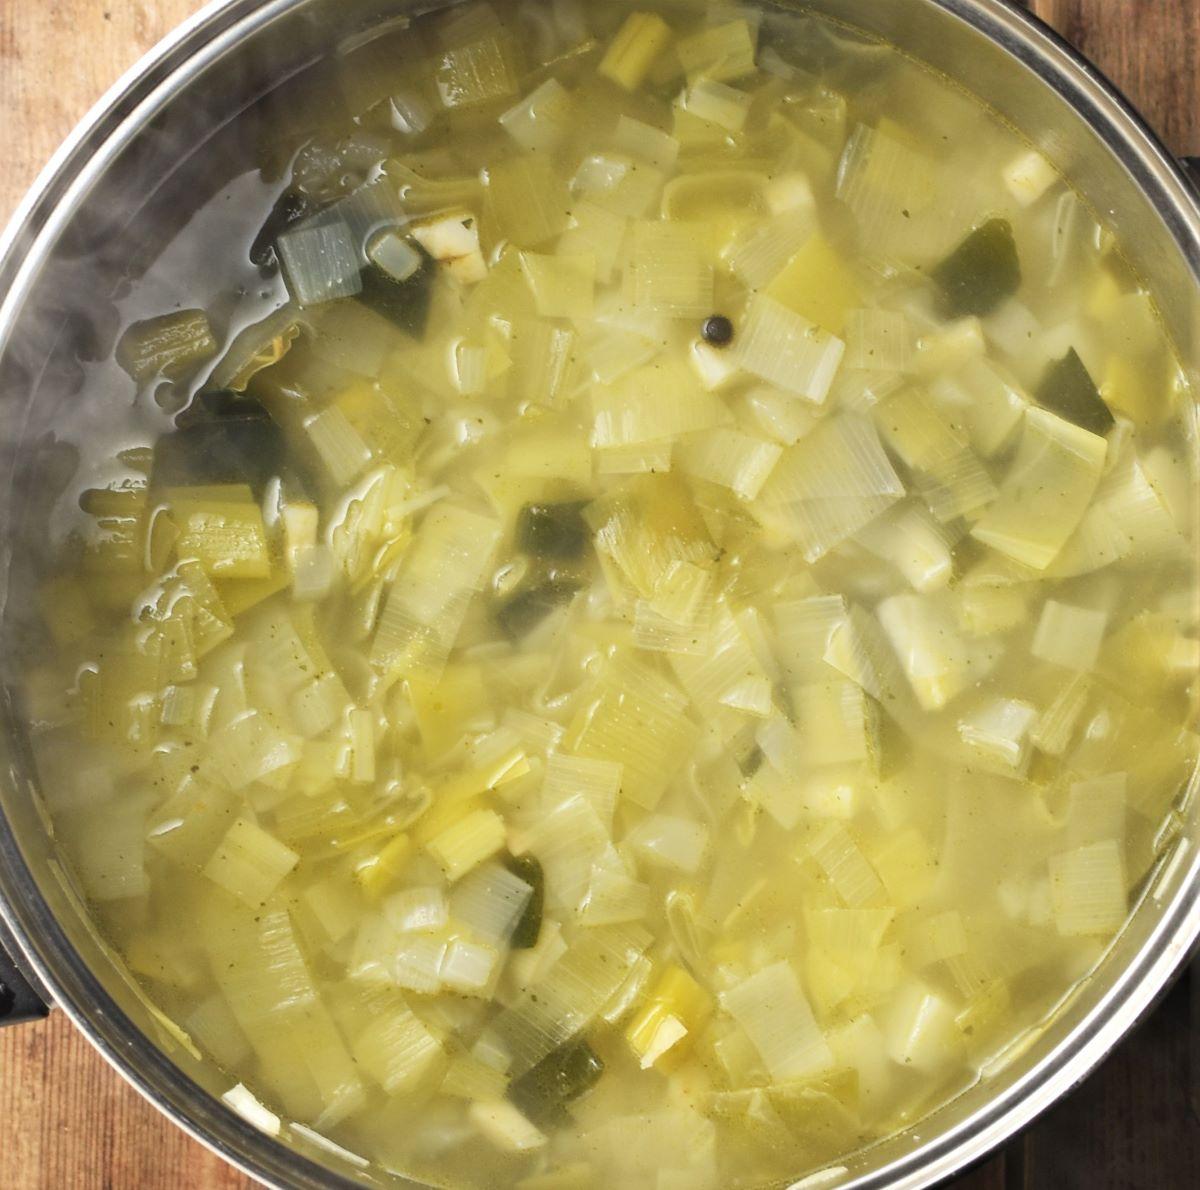 Chunky potato leek soup in pot.